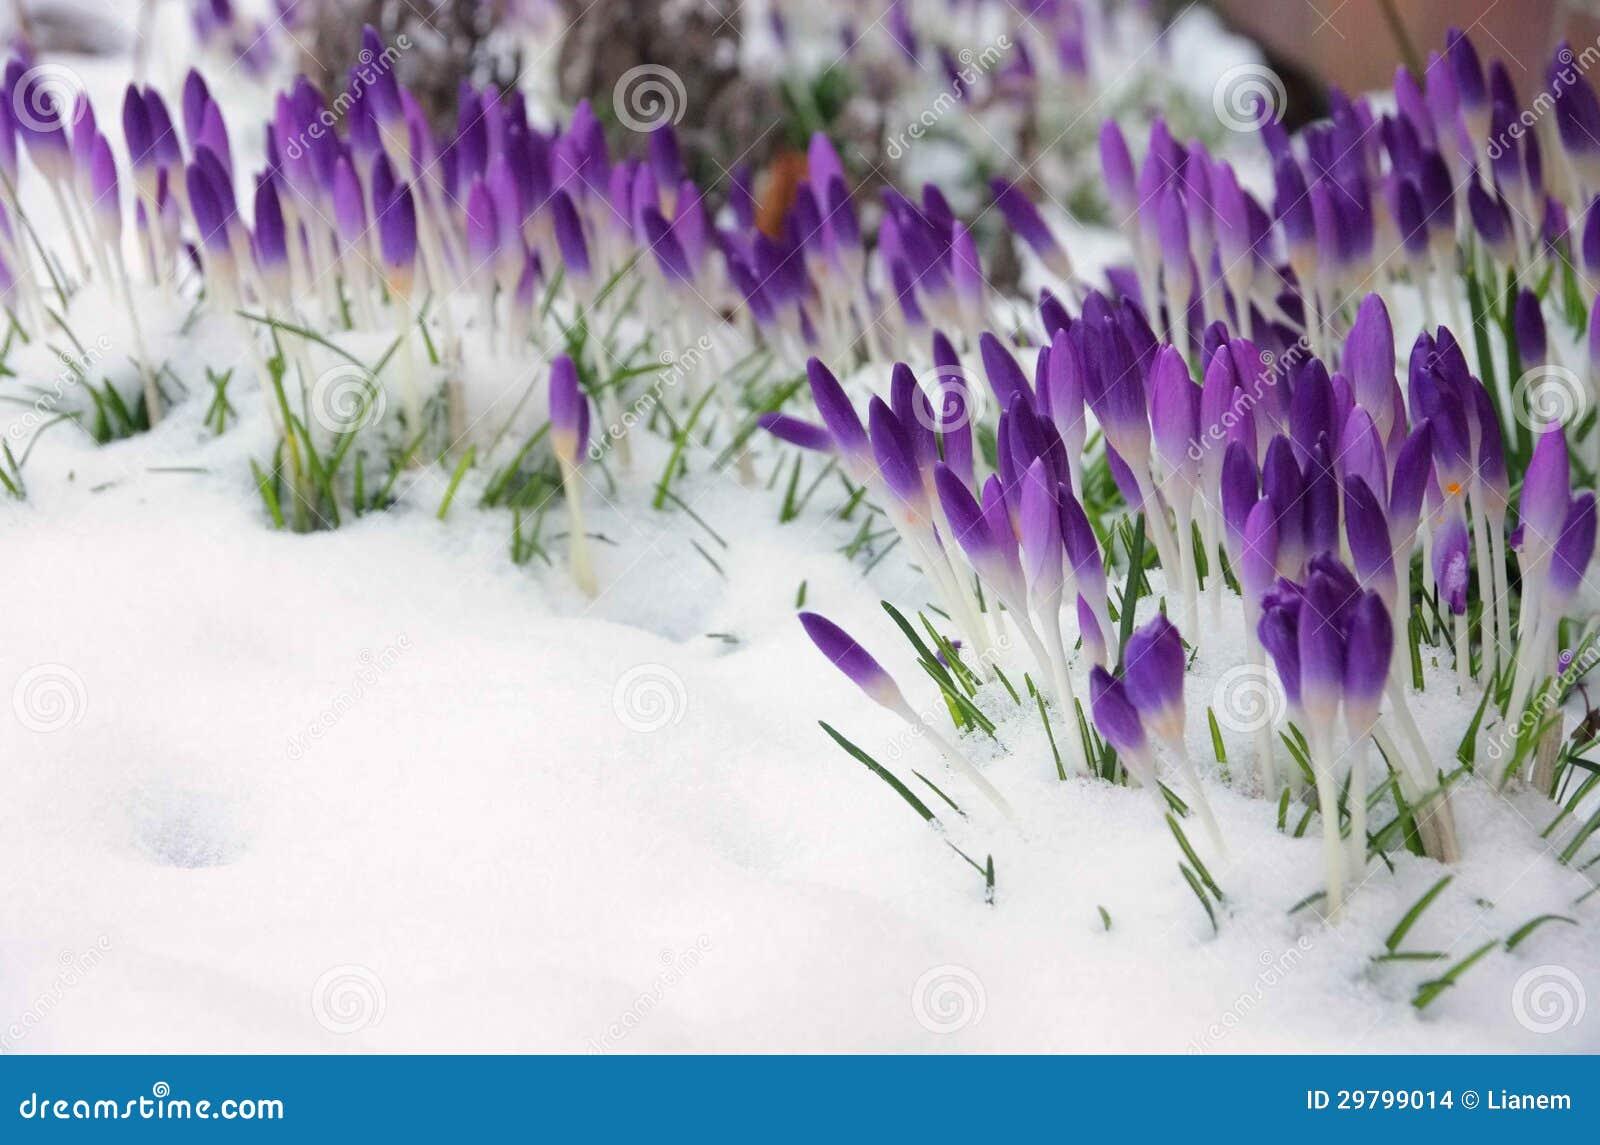 Crocus dans la neige photo stock image du froid hiver - Photos de neige gratuites ...